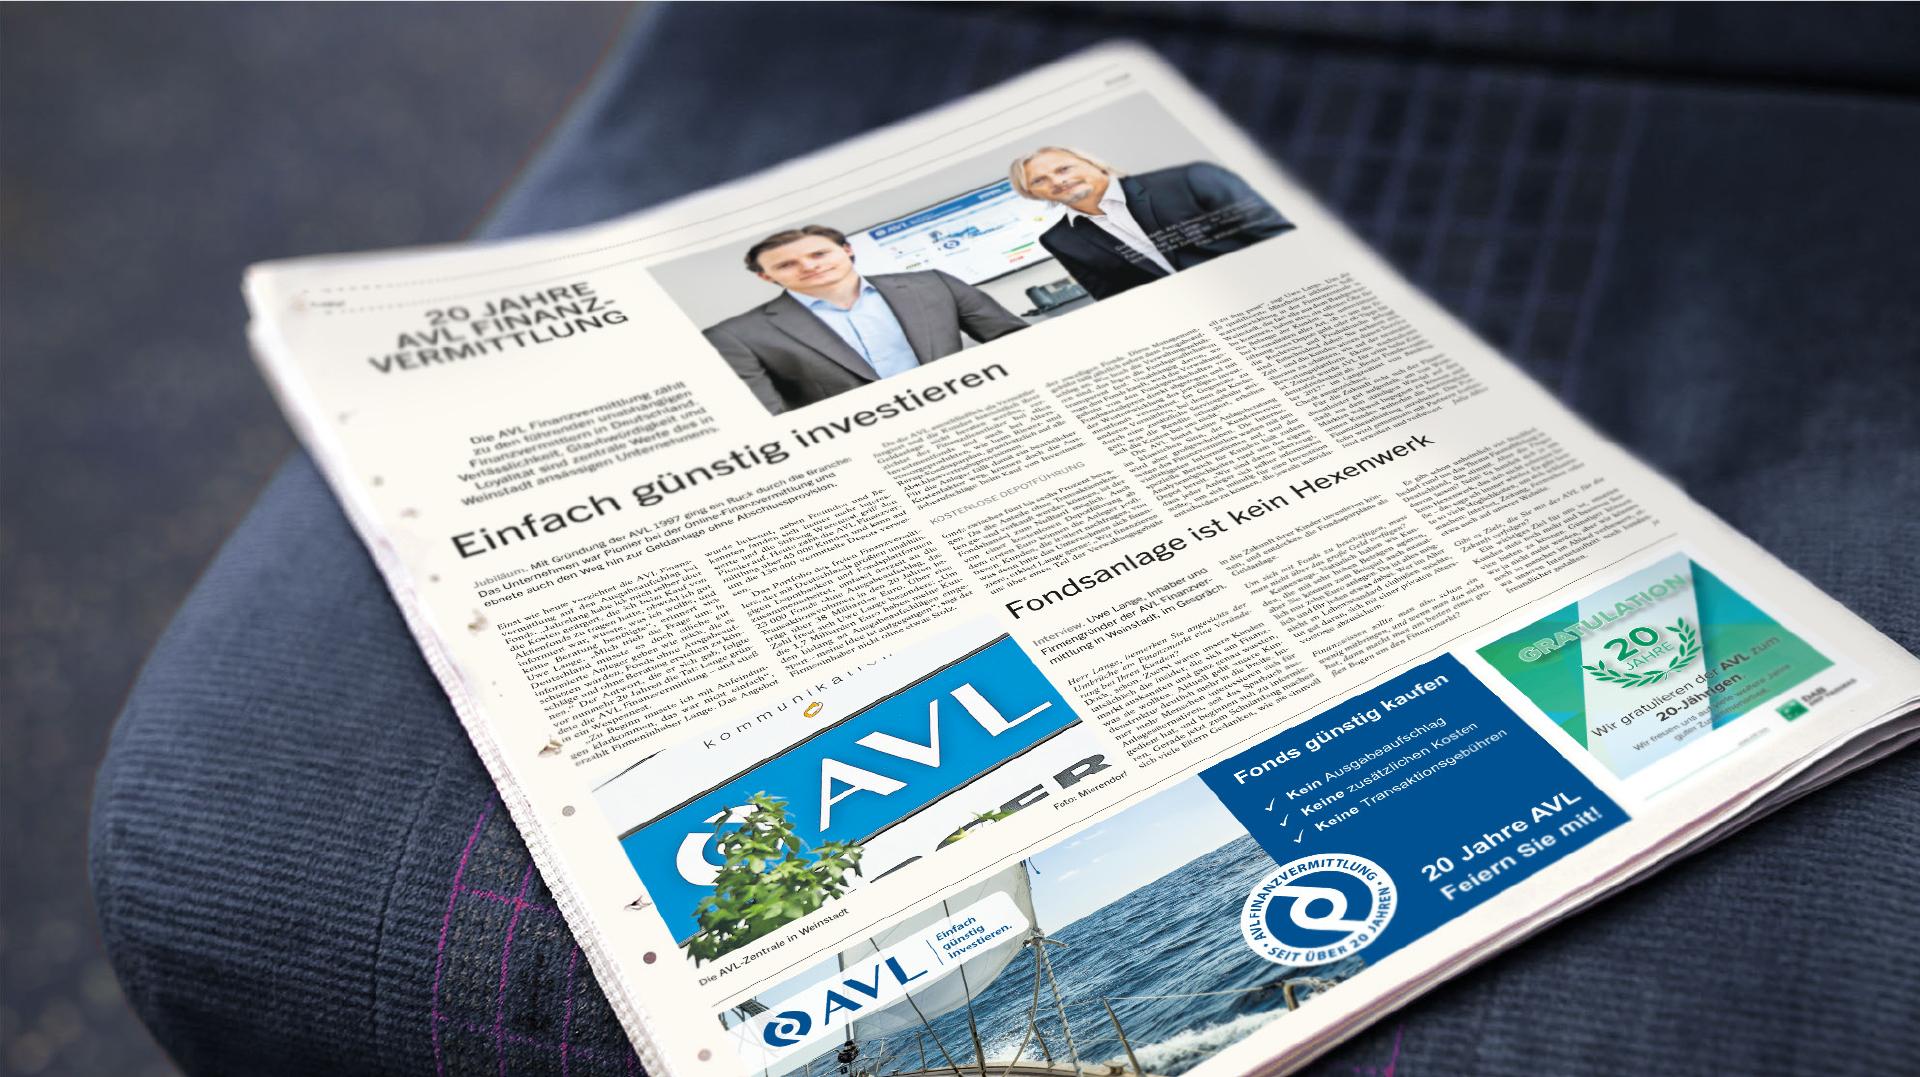 AVL Zeitung auf Sitz in Bus